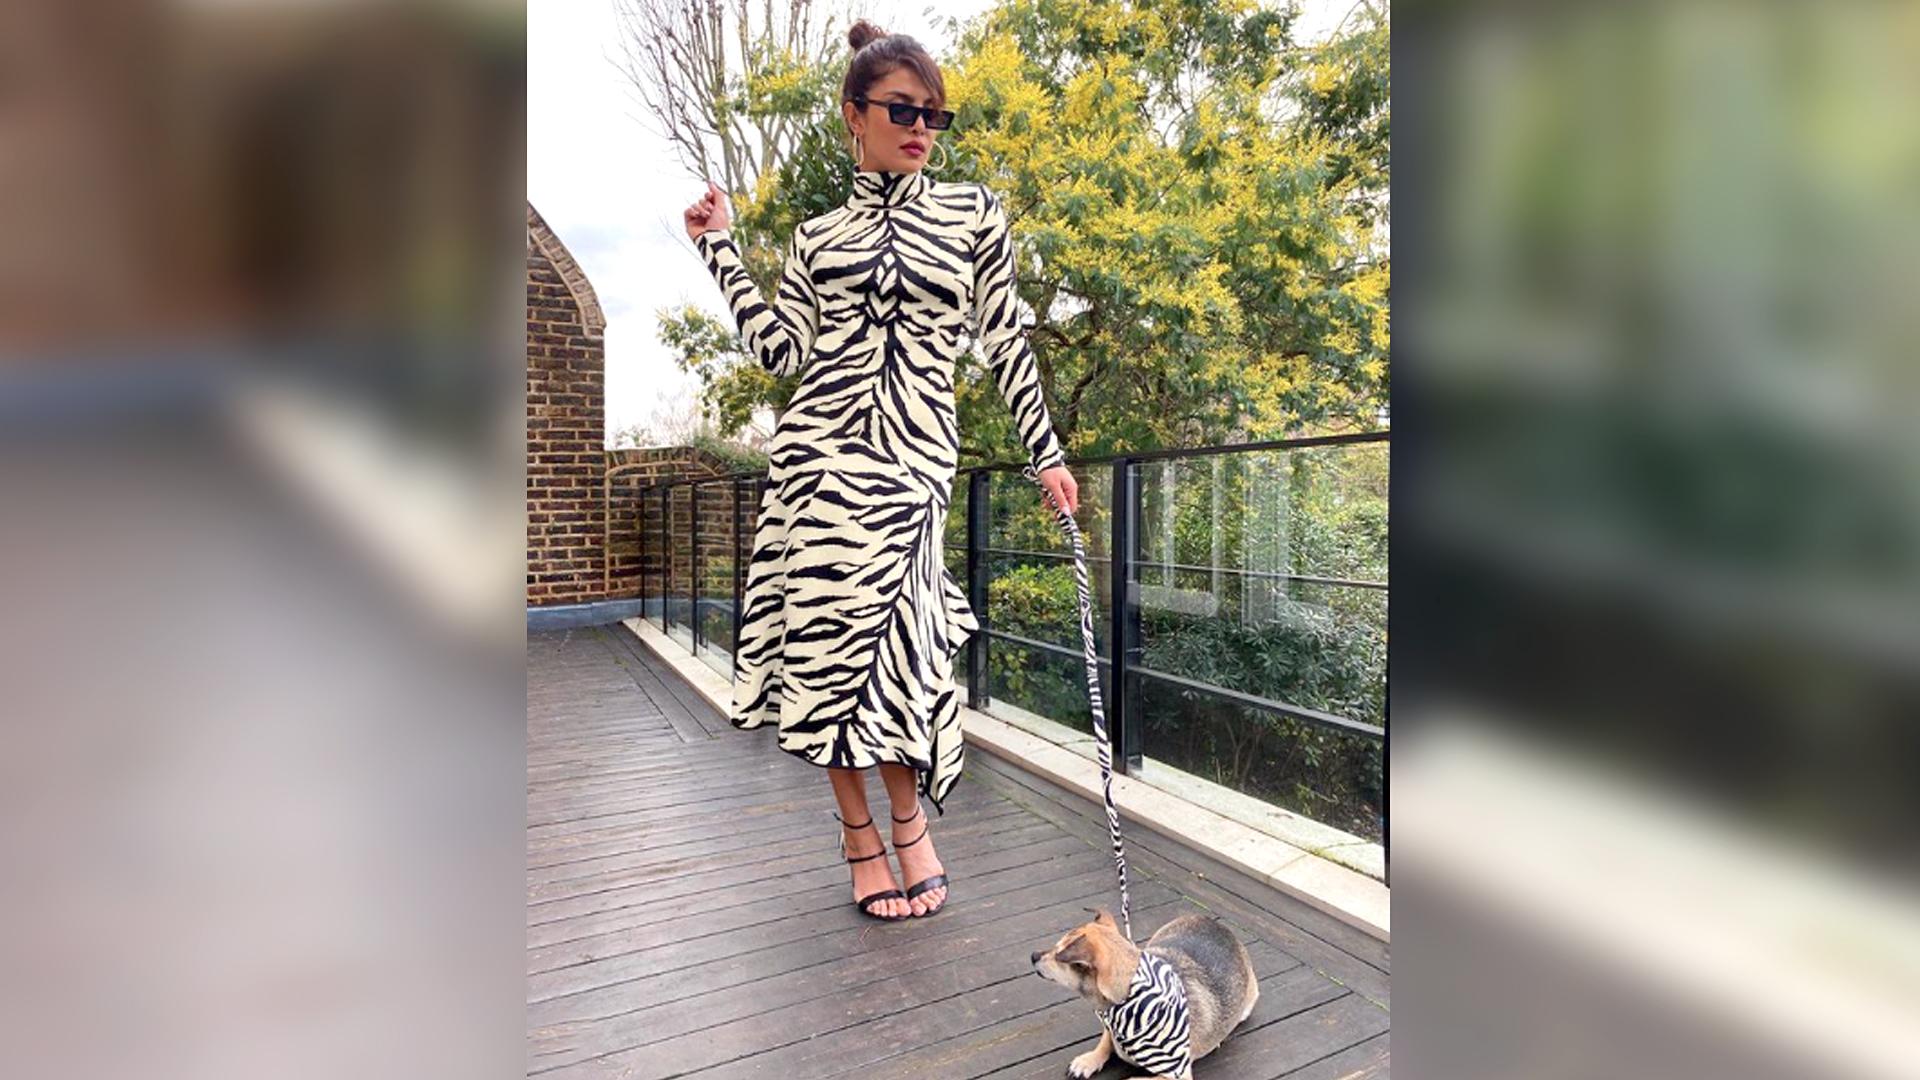 Priyanka Chopra takes pet fashion to a whole new level